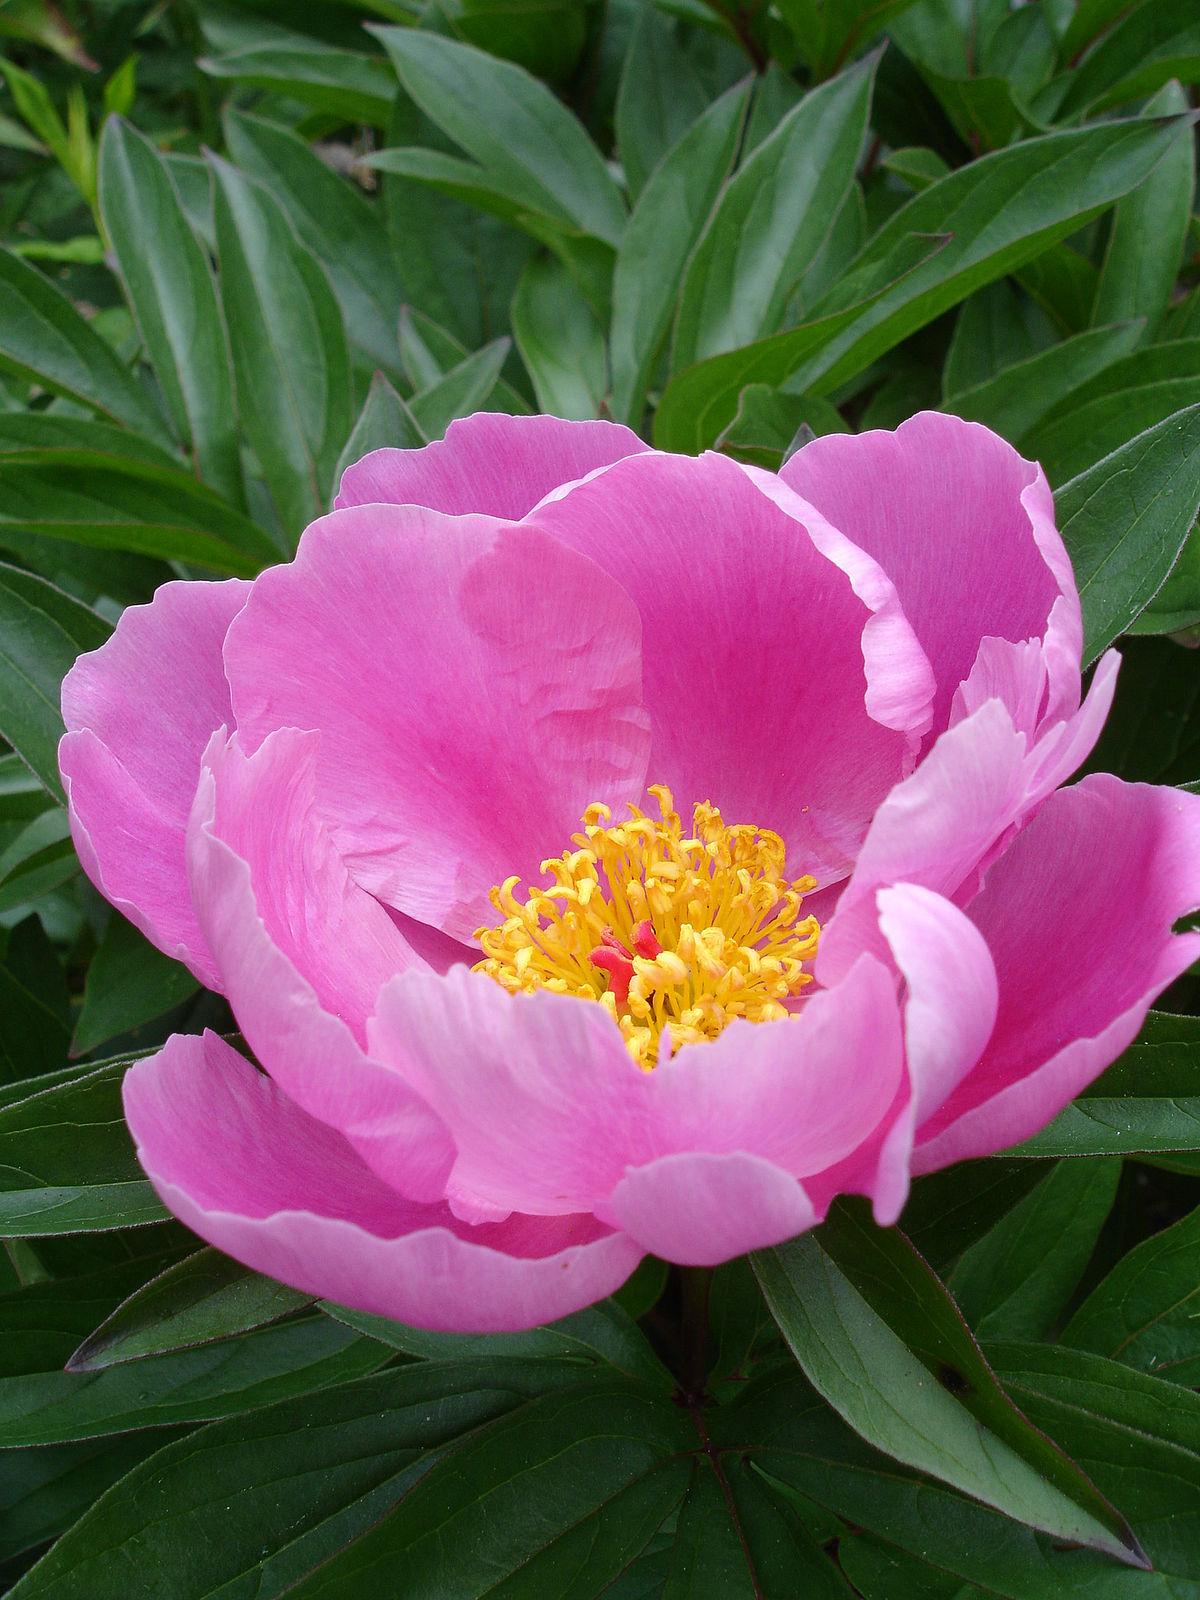 paeonia lactiflora wikipedia